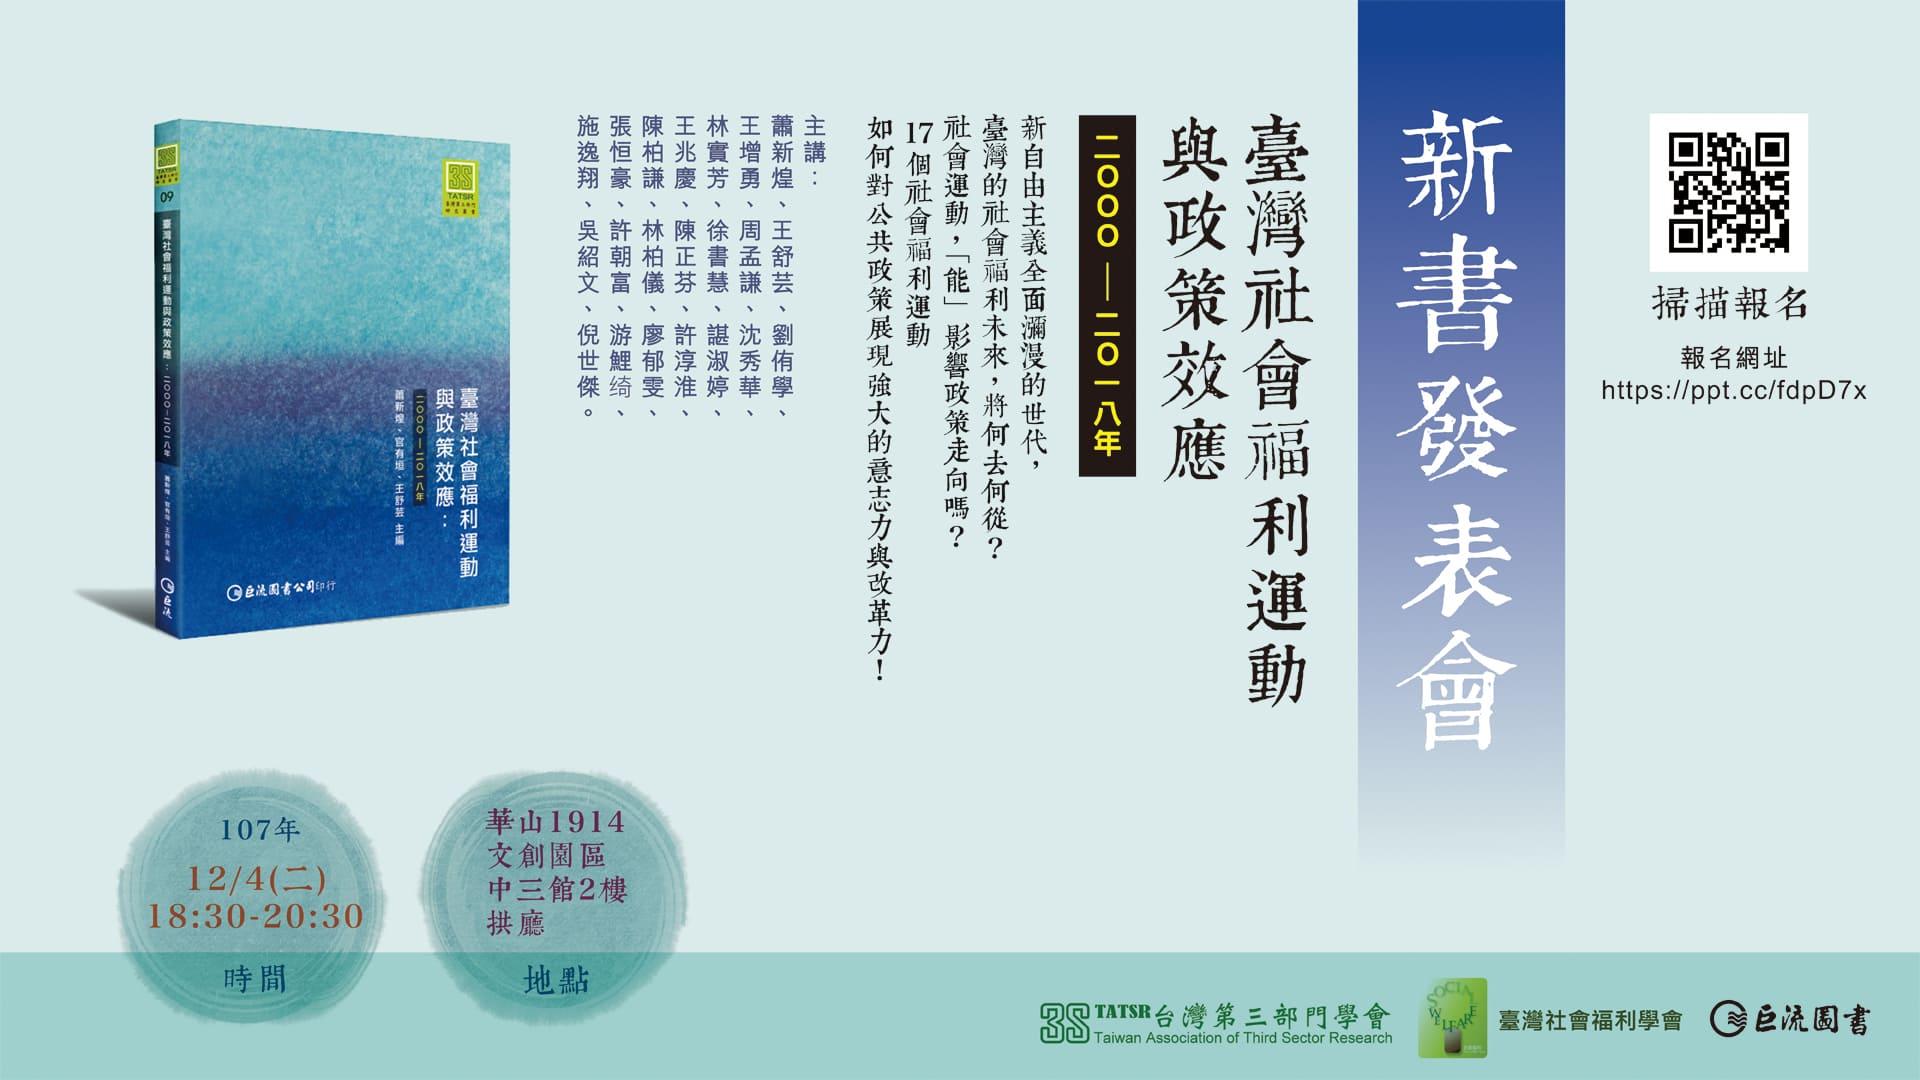 《臺灣社會福利運動與政策效應》新書發表會-2018/12/04